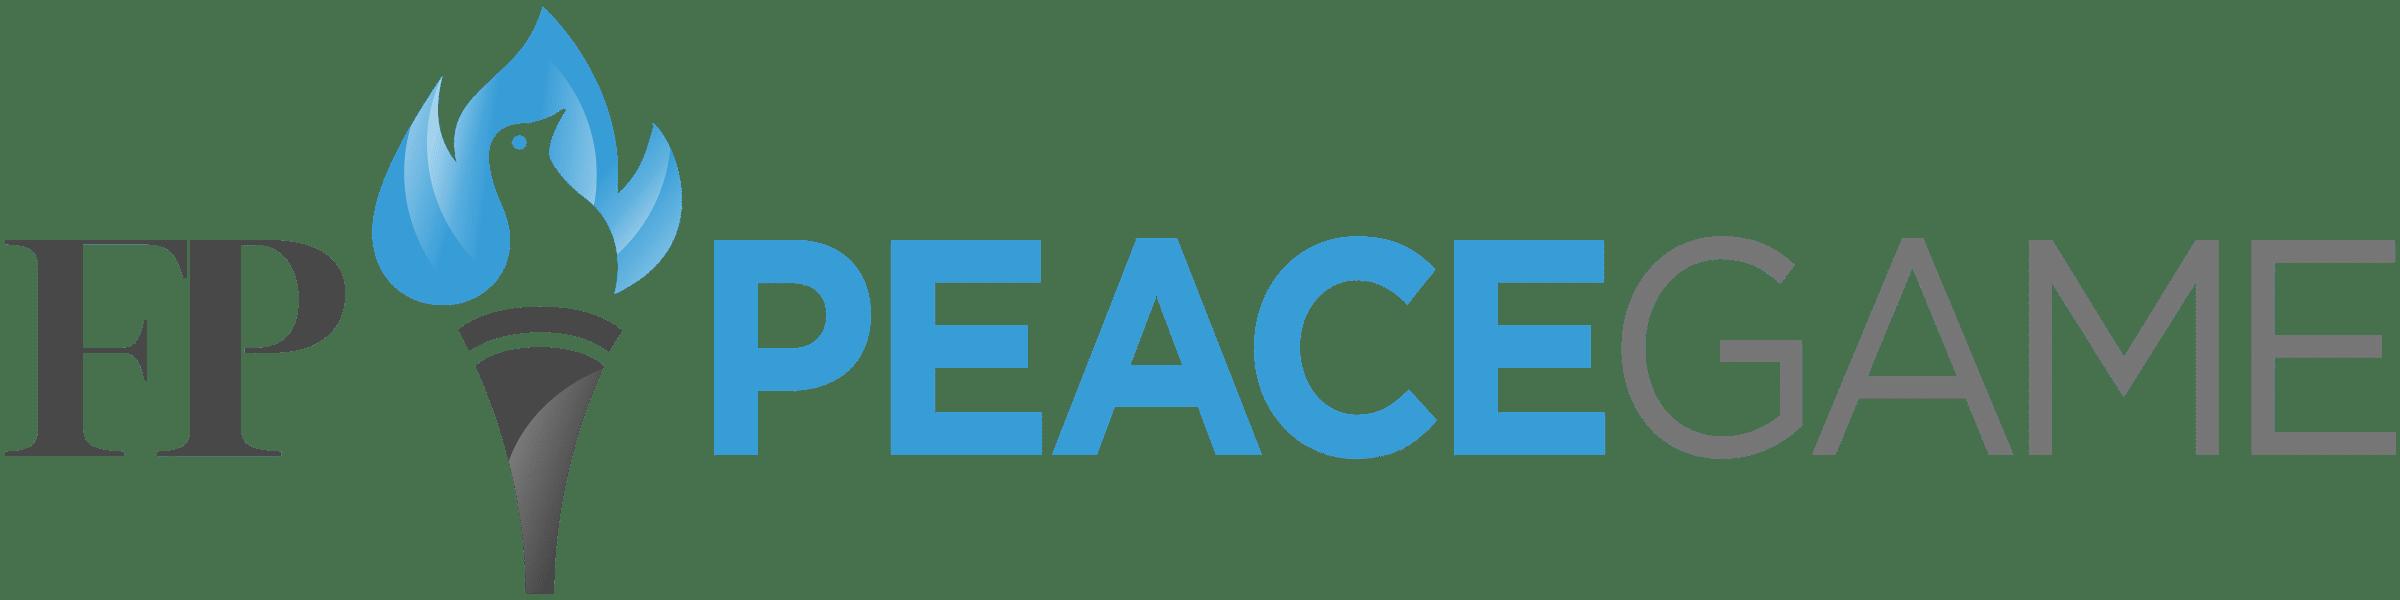 peacegame logo